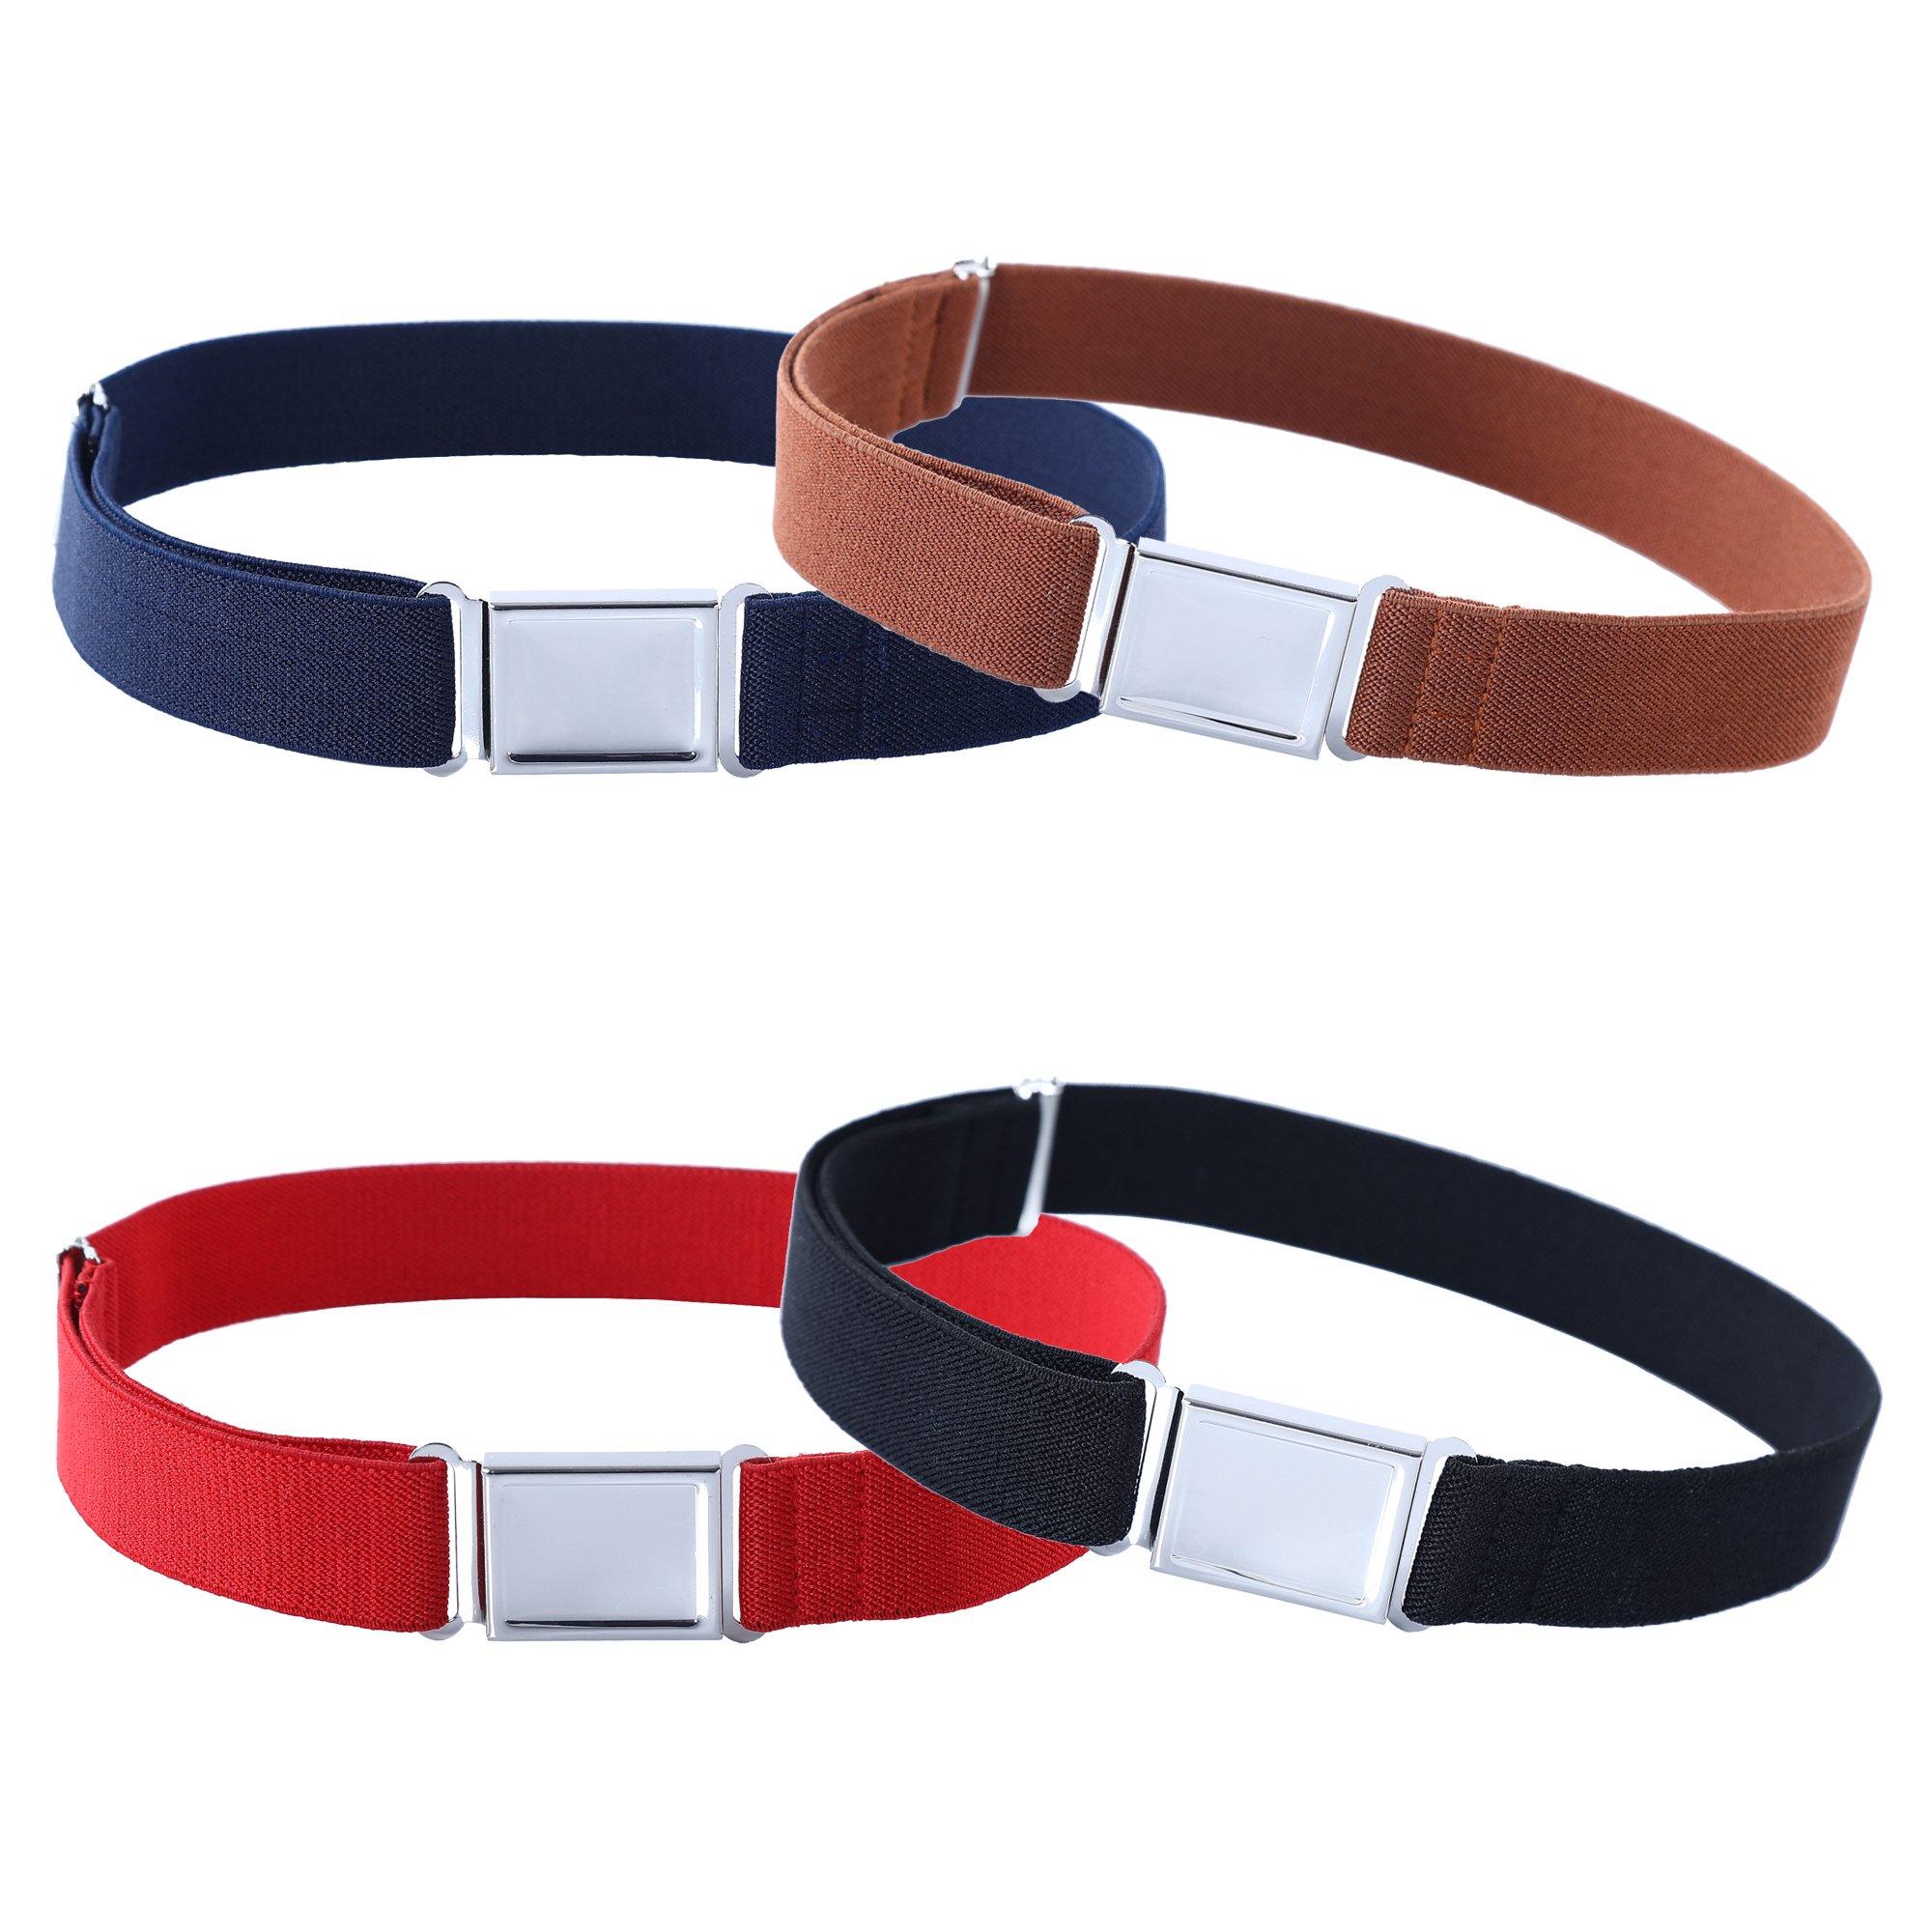 4PCS Kids Boys Adjustable Magnetic Belt - Elastic Belt with Easy Magnetic Buckle (Navy Blue/Brown/ Red/Black)